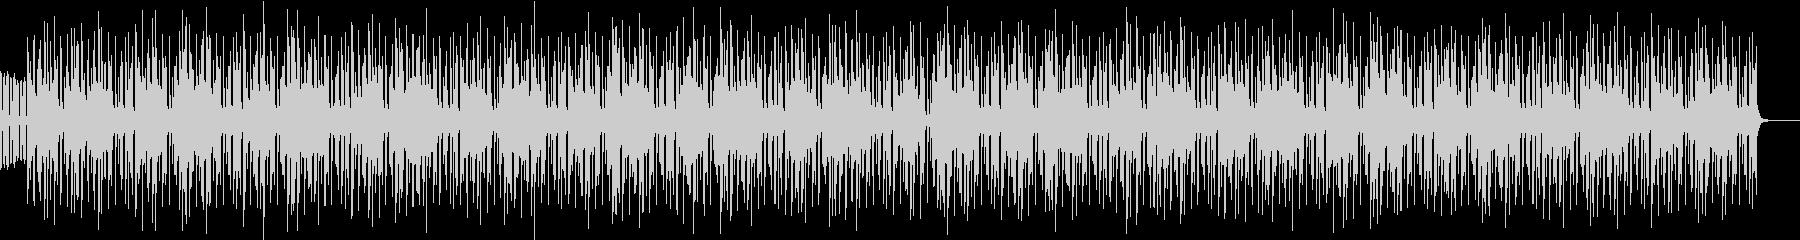 サイファービート2 8小節×8回の未再生の波形